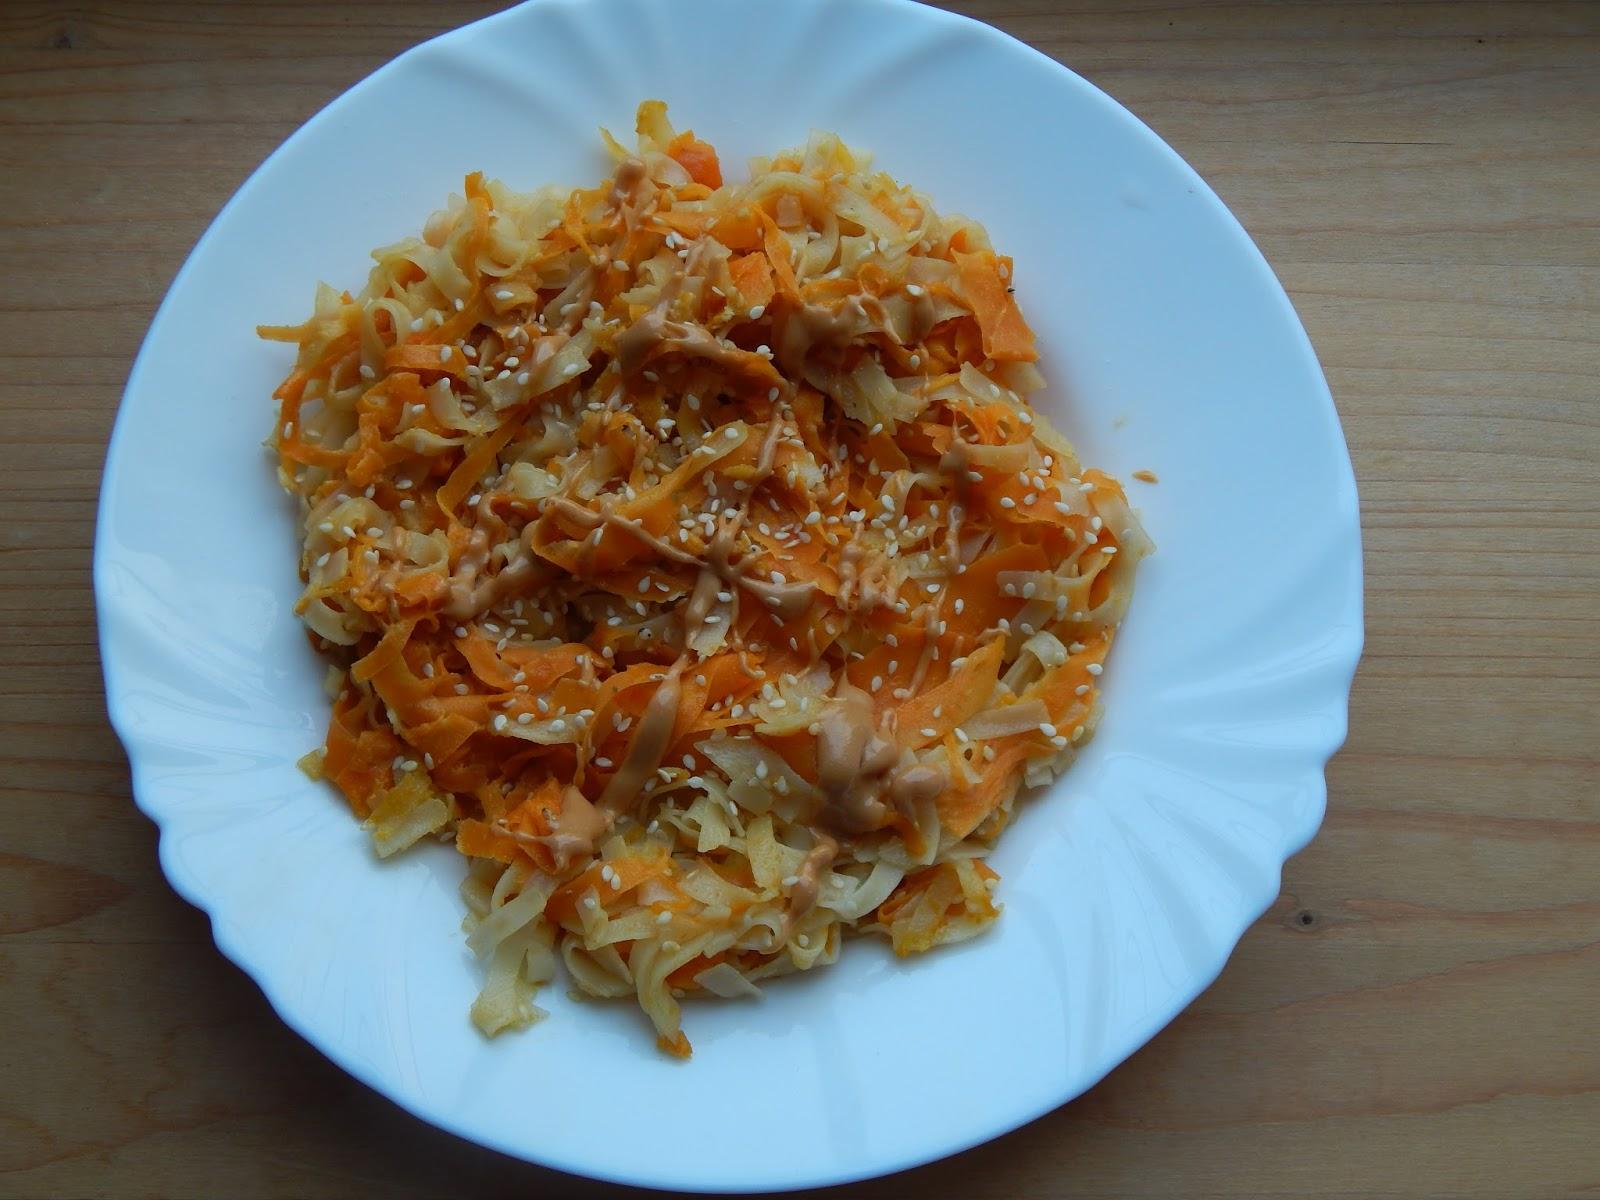 Mrkvové rýžové nudle s arašídovou omáčkou a sezamem